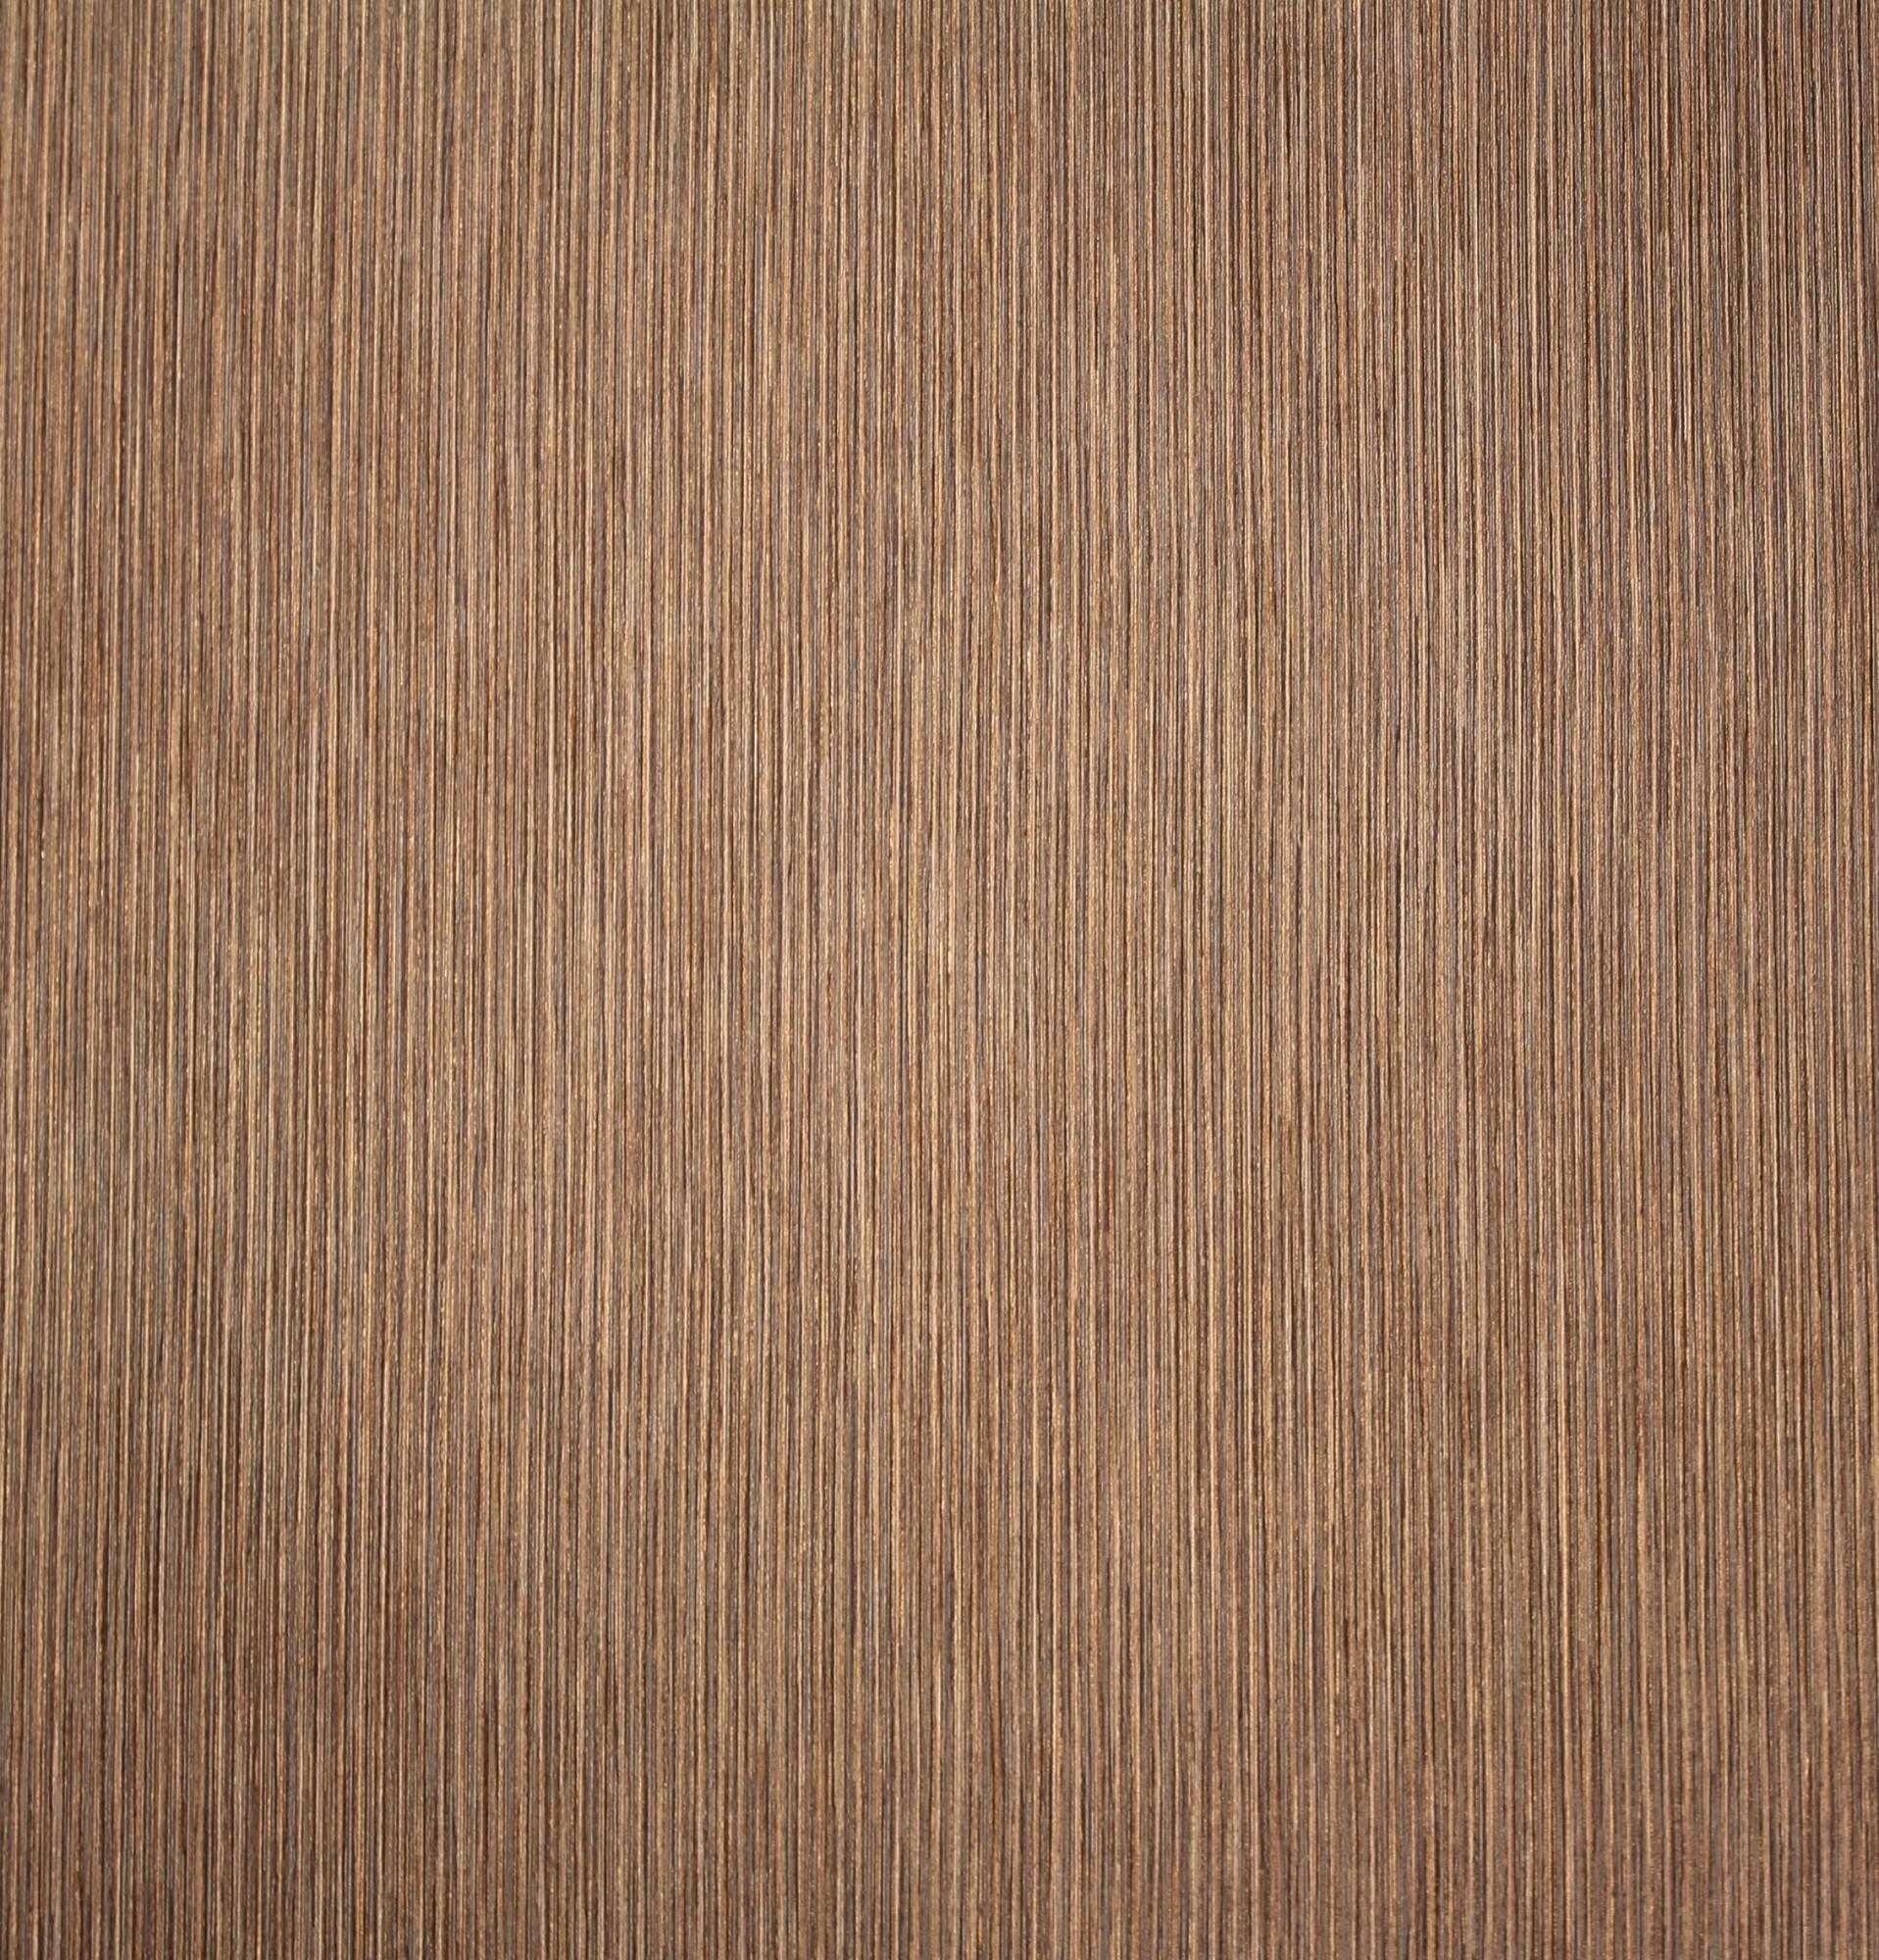 in the woods tapete rasch vliestapete natur 784008 streifen braun gold 3 33 1q ebay. Black Bedroom Furniture Sets. Home Design Ideas